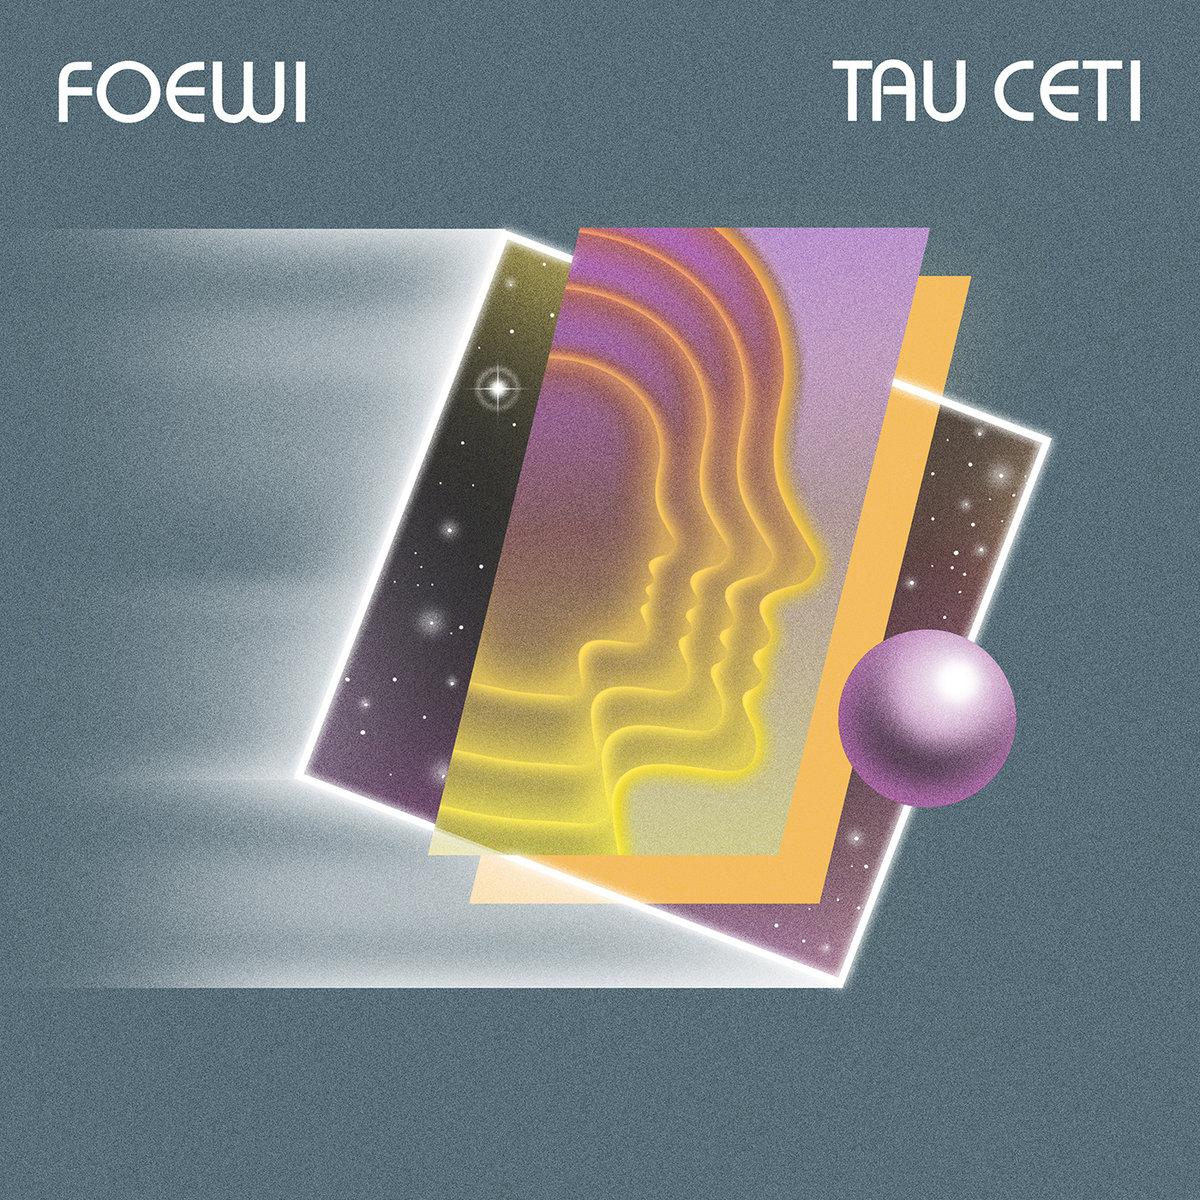 Foewi Tau Ceti